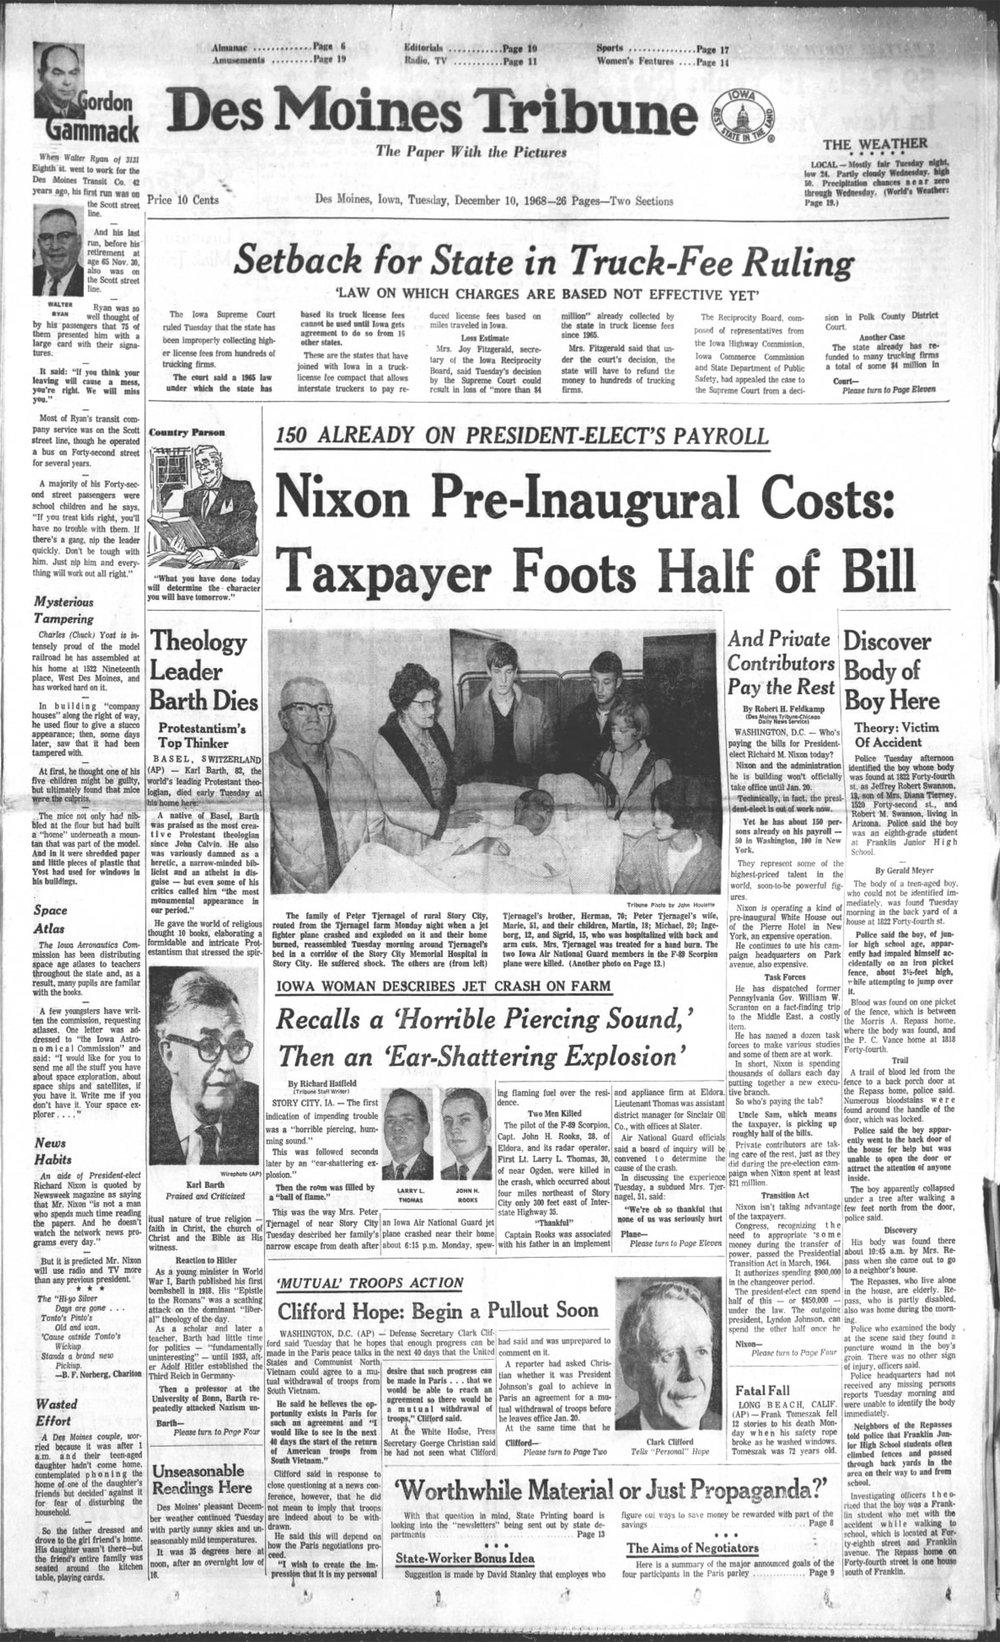 Des-Moines-Tribune-12-10-68-p1full.jpg